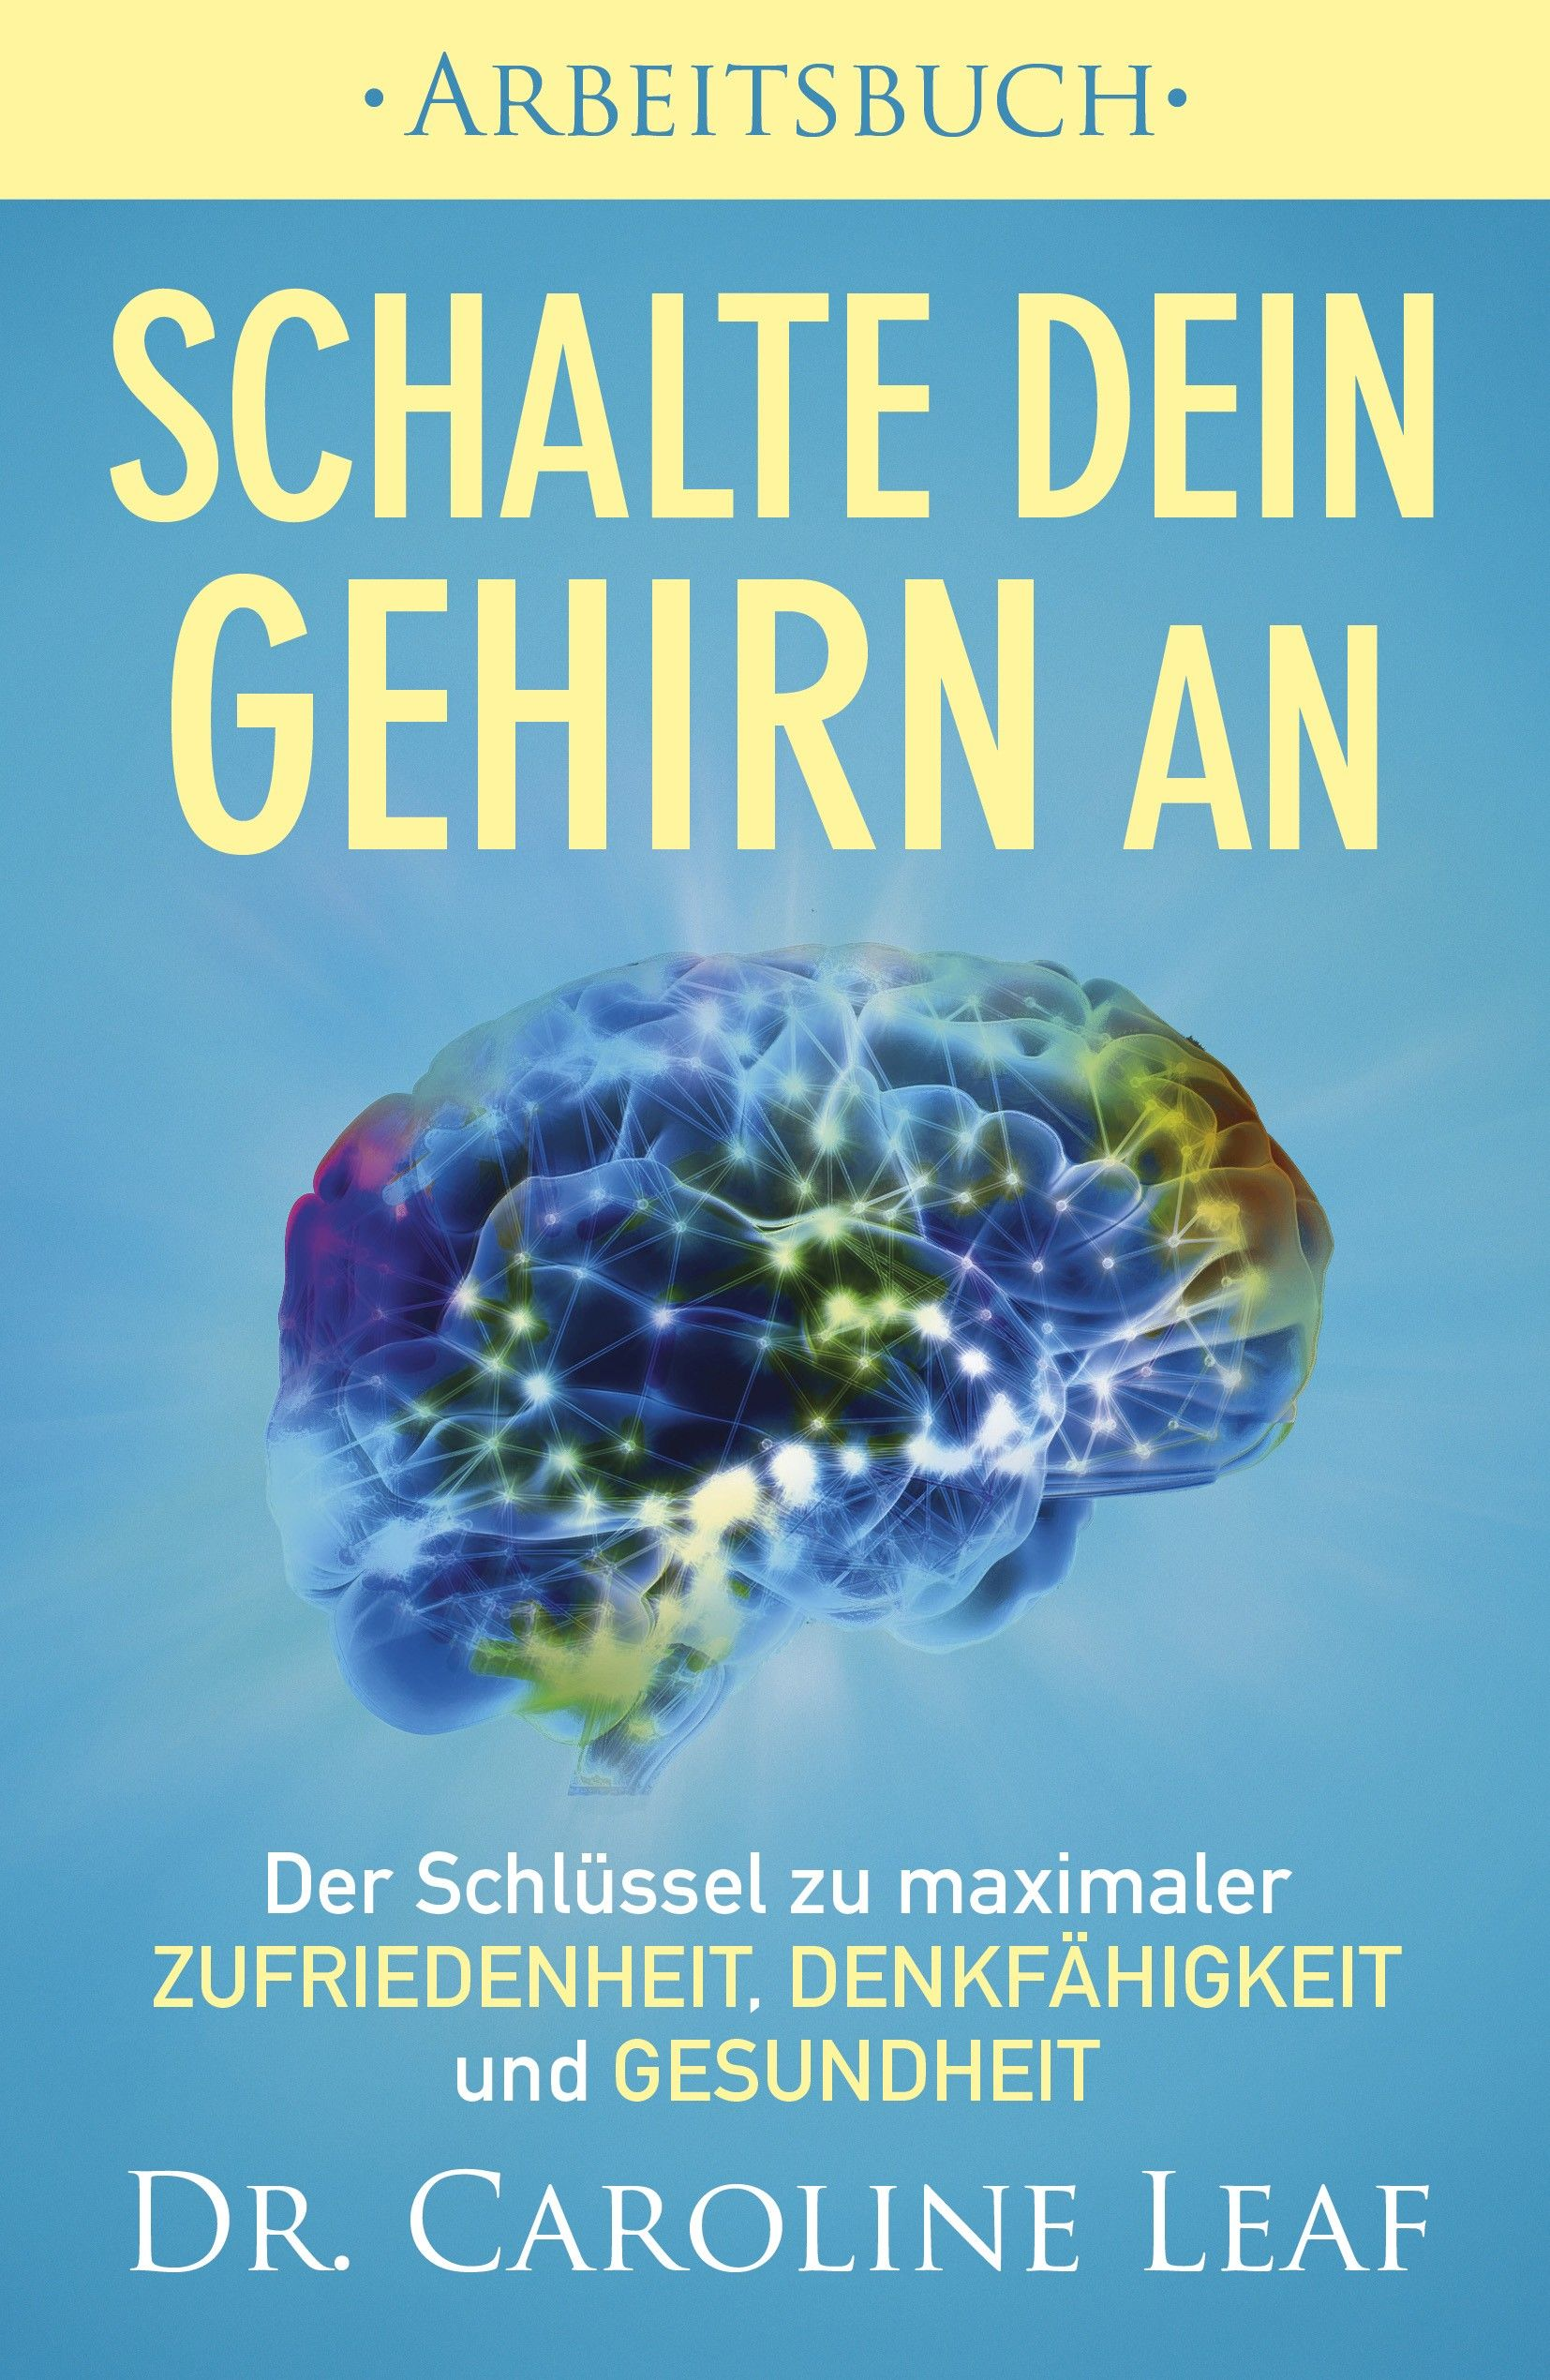 Schalte dein Gehirn an - Arbeitsbuch